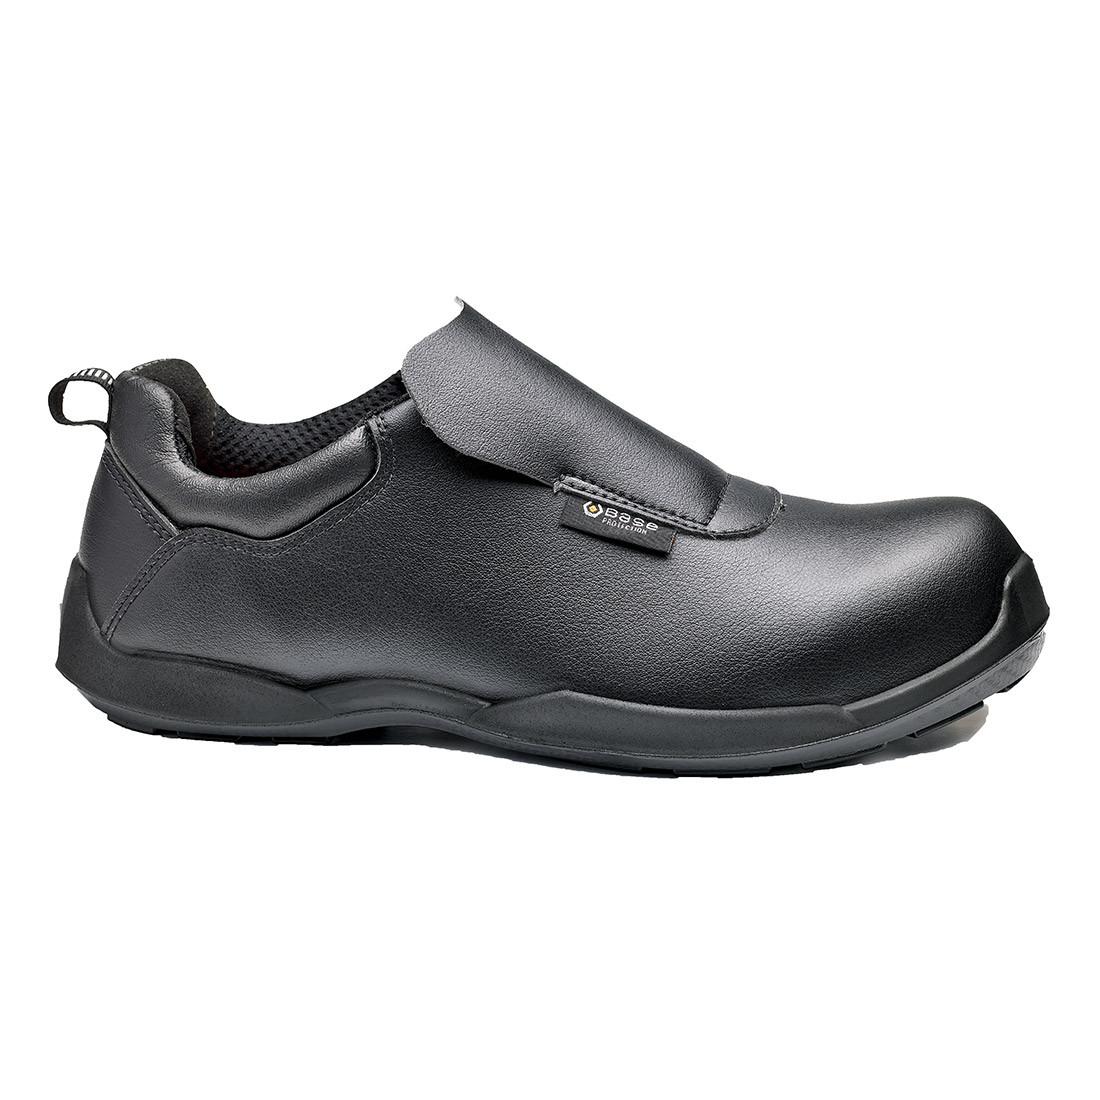 Pantofi Cooking S2 SRC - Incaltaminte de protectie